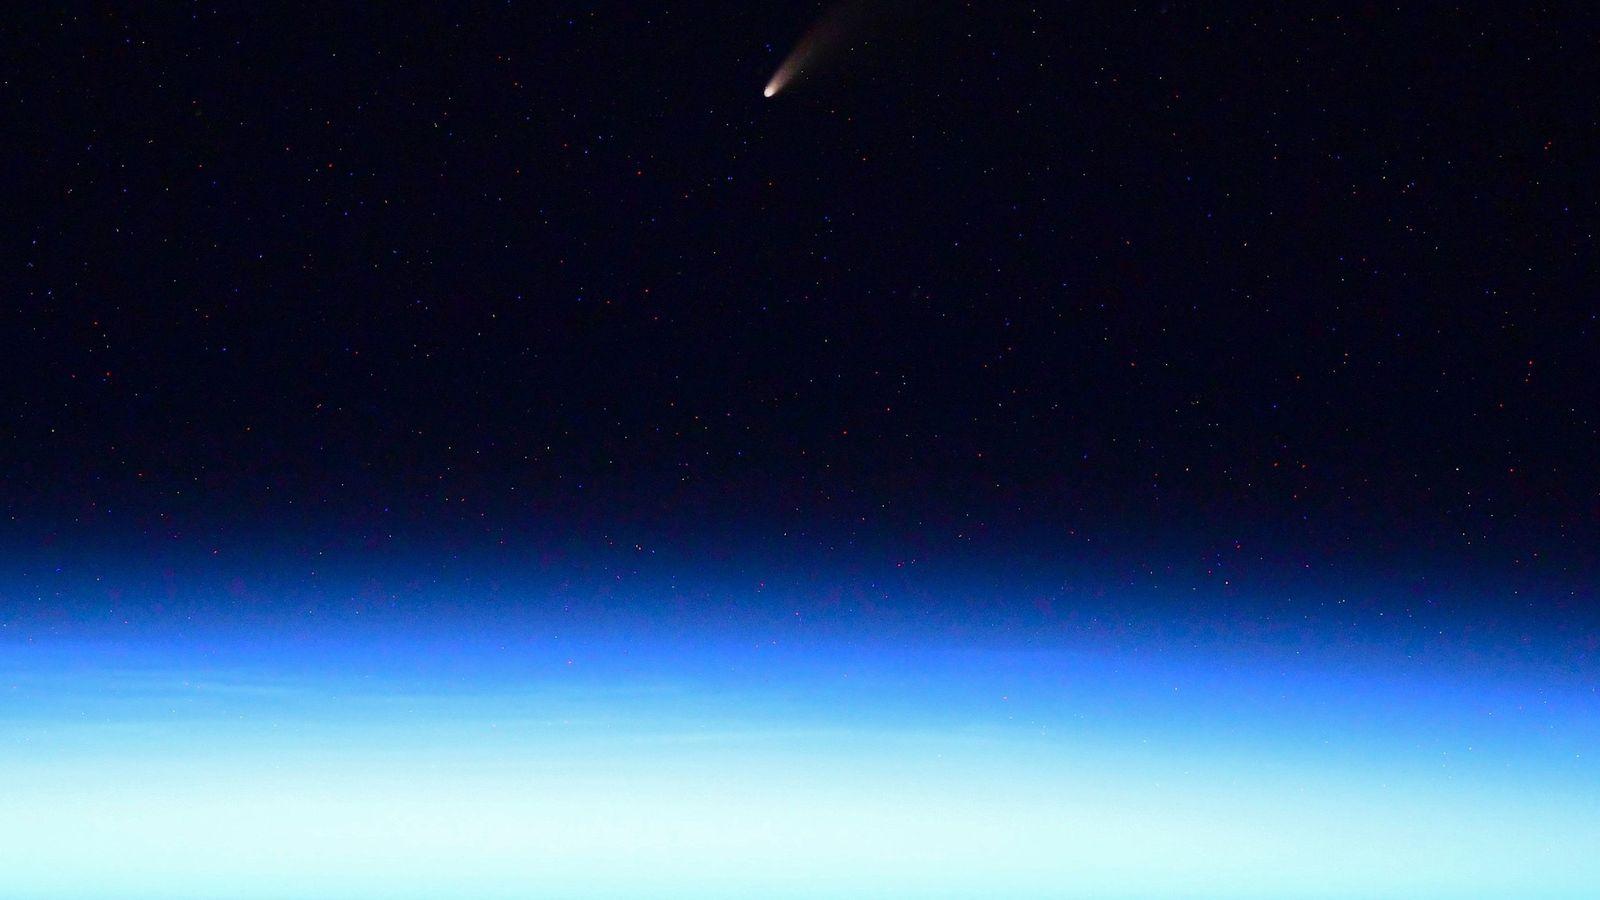 Le cosmonaute de Roscosmos Ivan Vagner a publié sur Twitter une photo de la comète NEOWISE ...